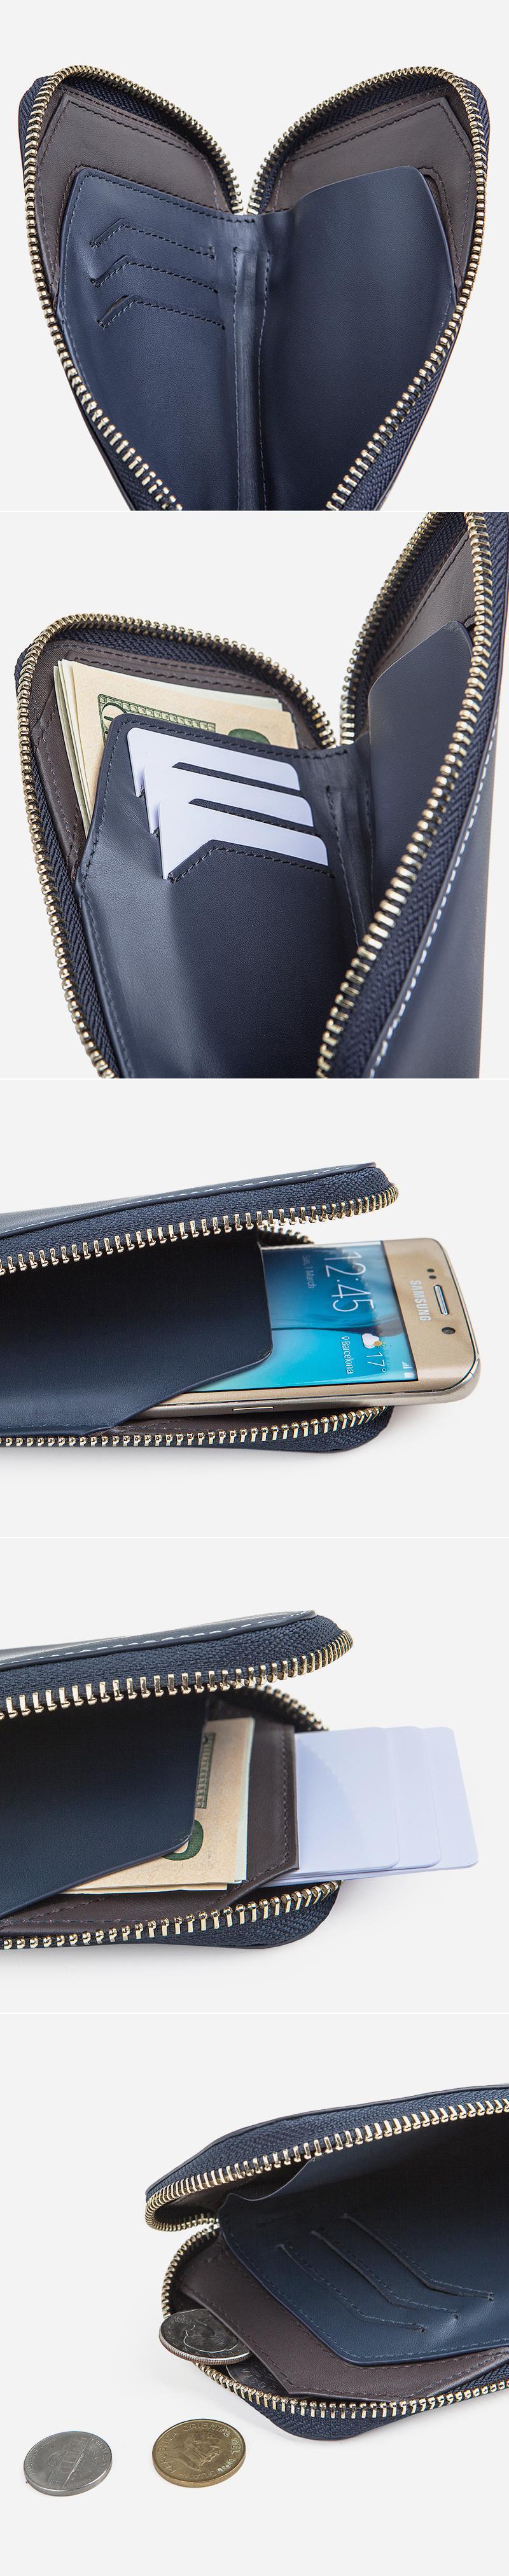 Becore Phone Zipper V2 Blue - 비코어, 89,000원, 여성지갑, 장/중지갑